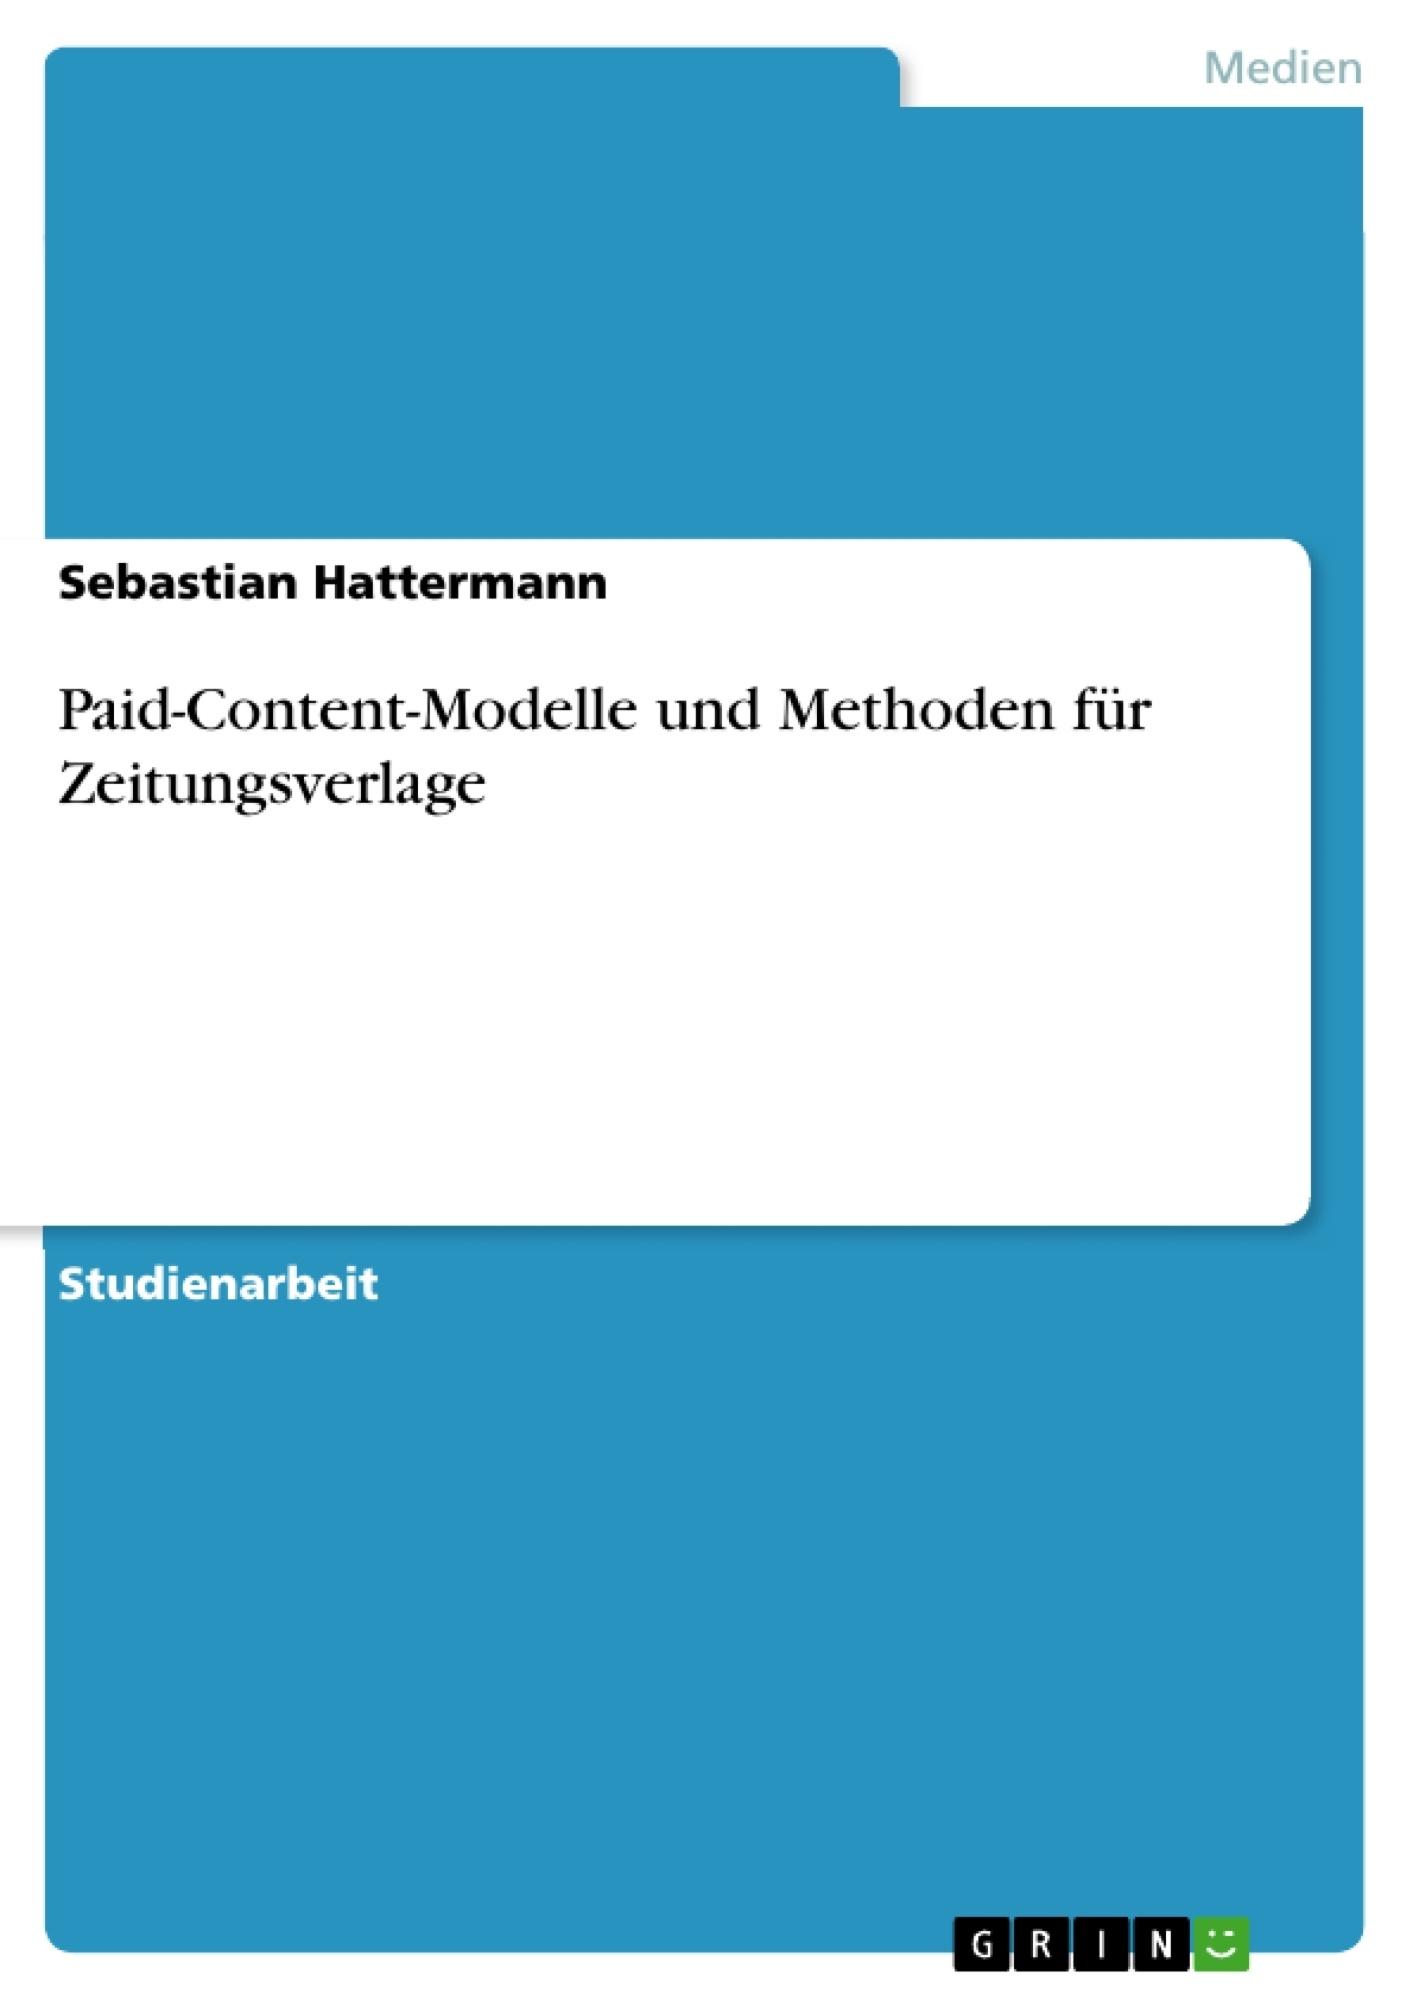 Titel: Paid-Content-Modelle und Methoden für Zeitungsverlage